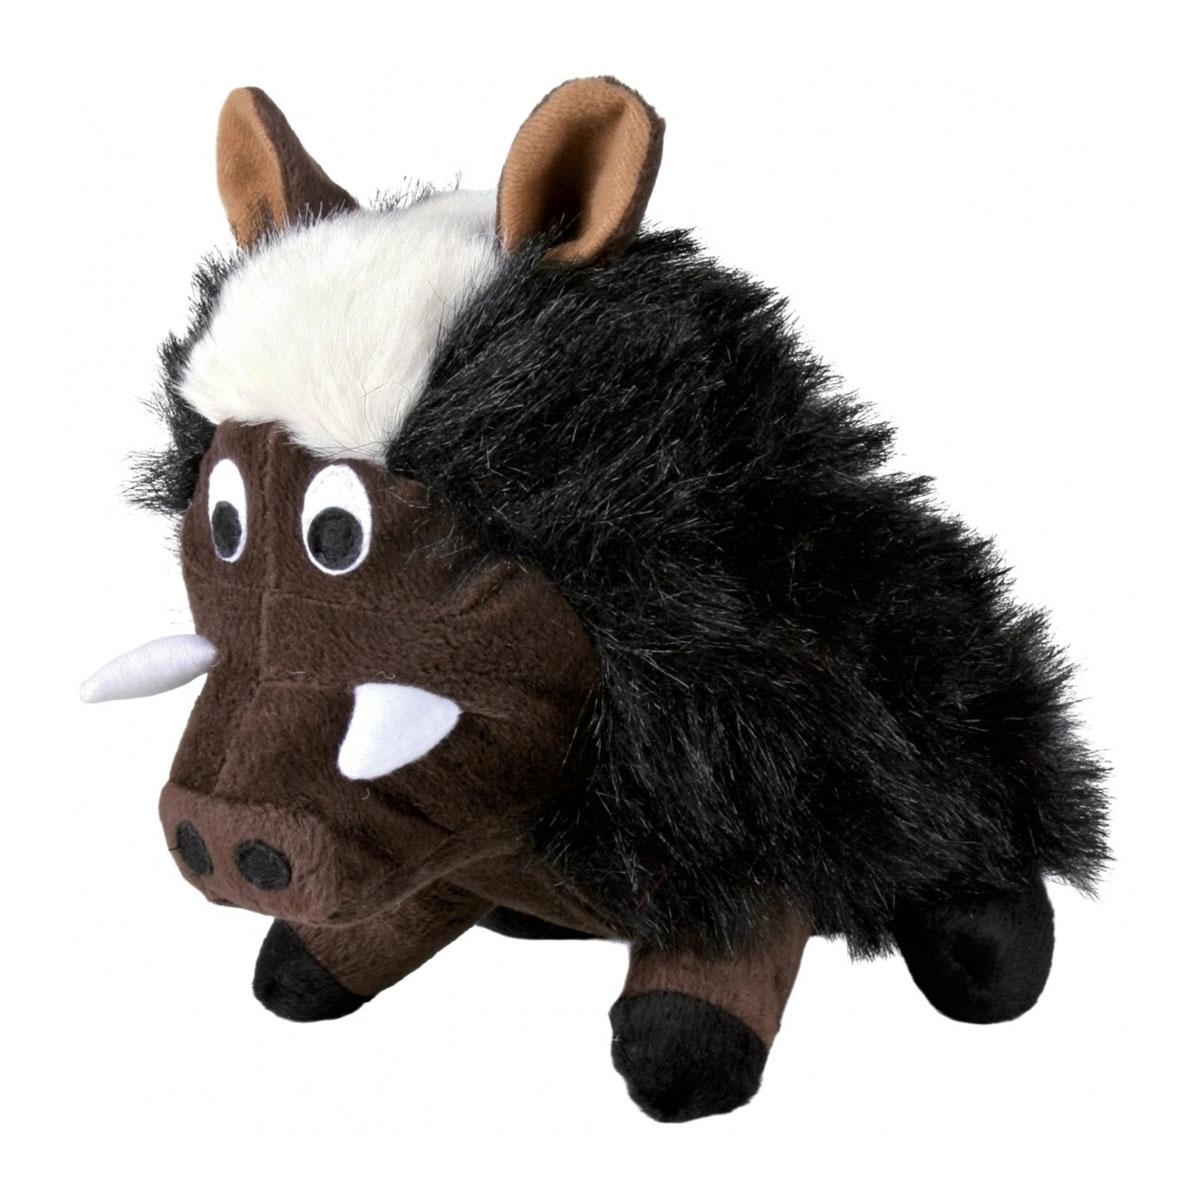 Trixie wildschwein plüsch spielzeug mit original